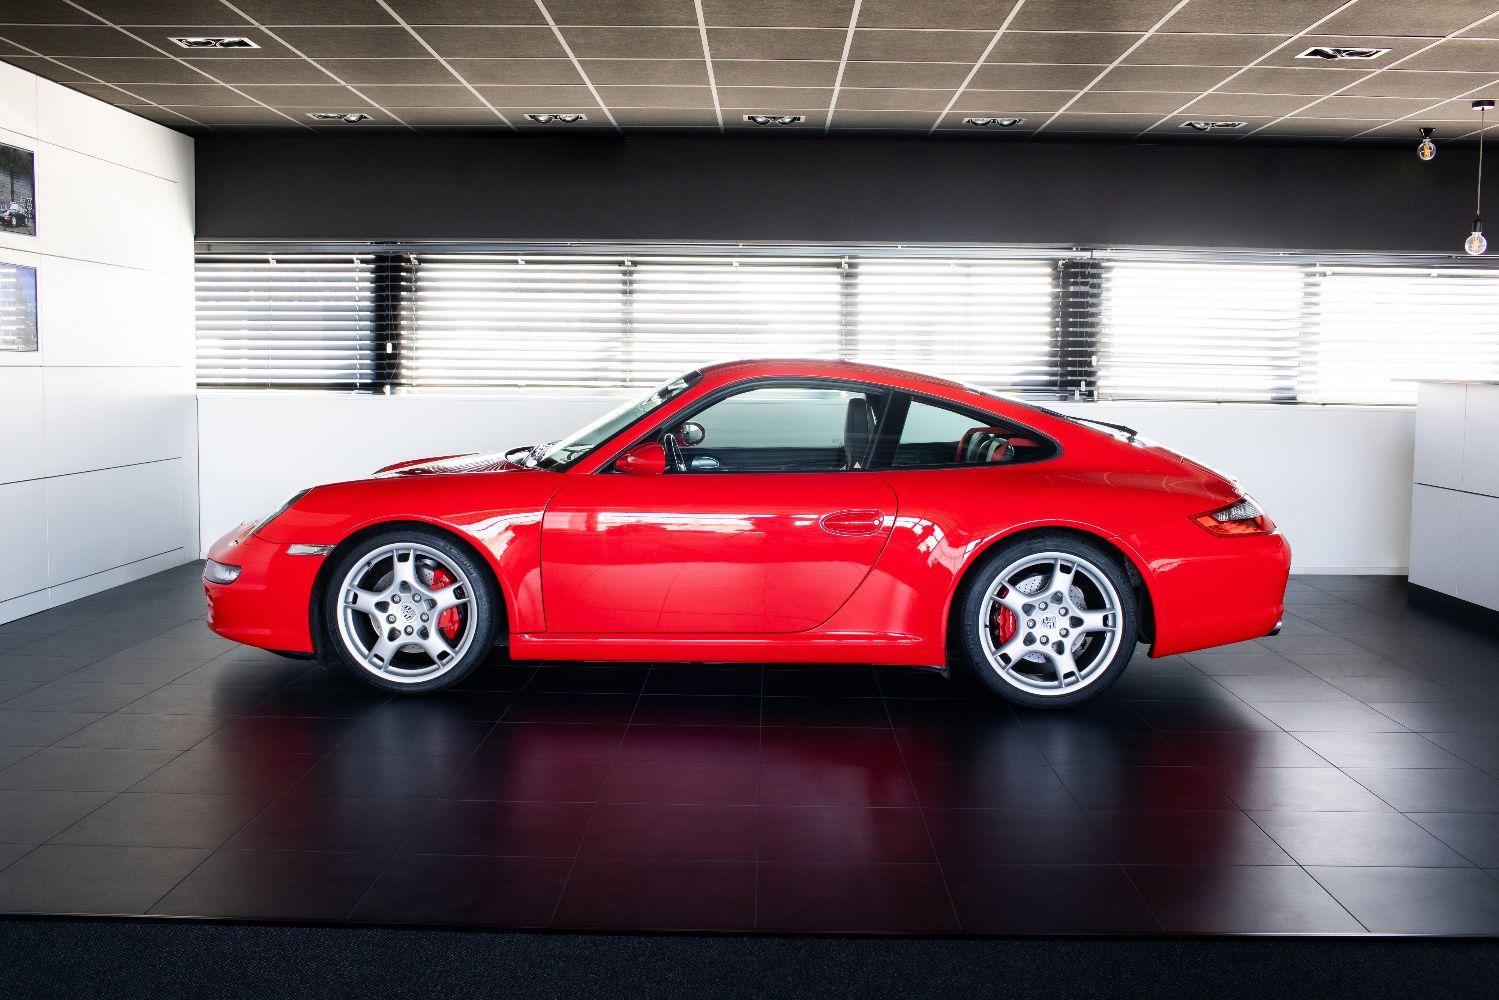 Porsche 997 S Handgeschakeld